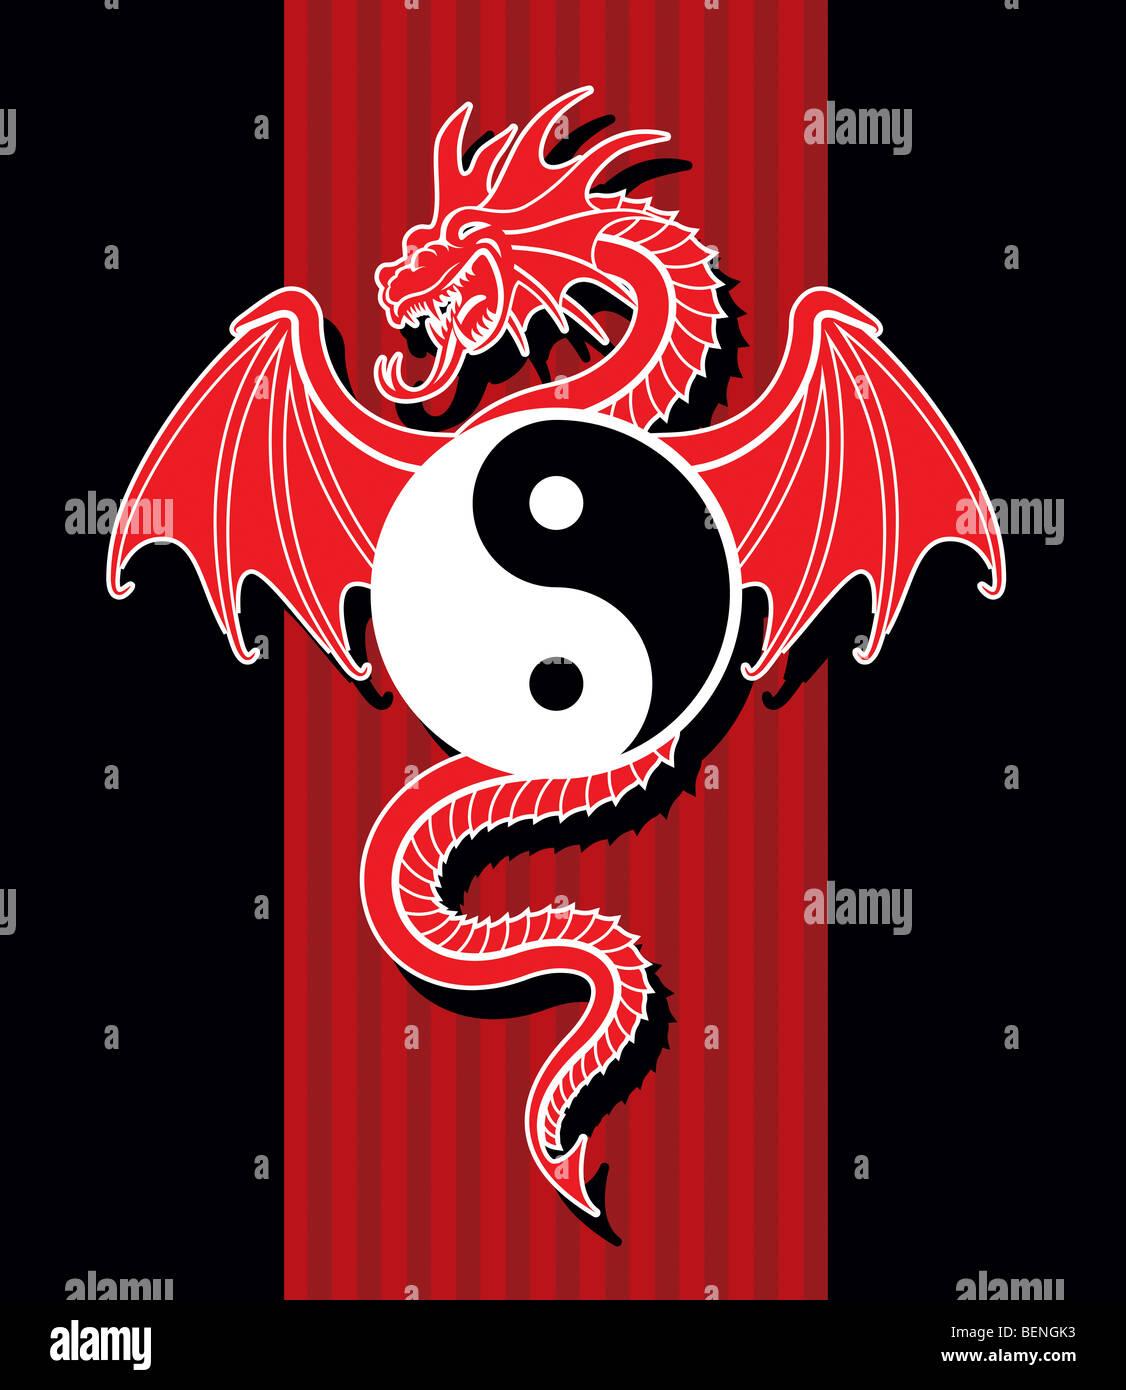 Taoism Symbols Dragon: Yin And Yang Dragon Stock Photos & Yin And Yang Dragon